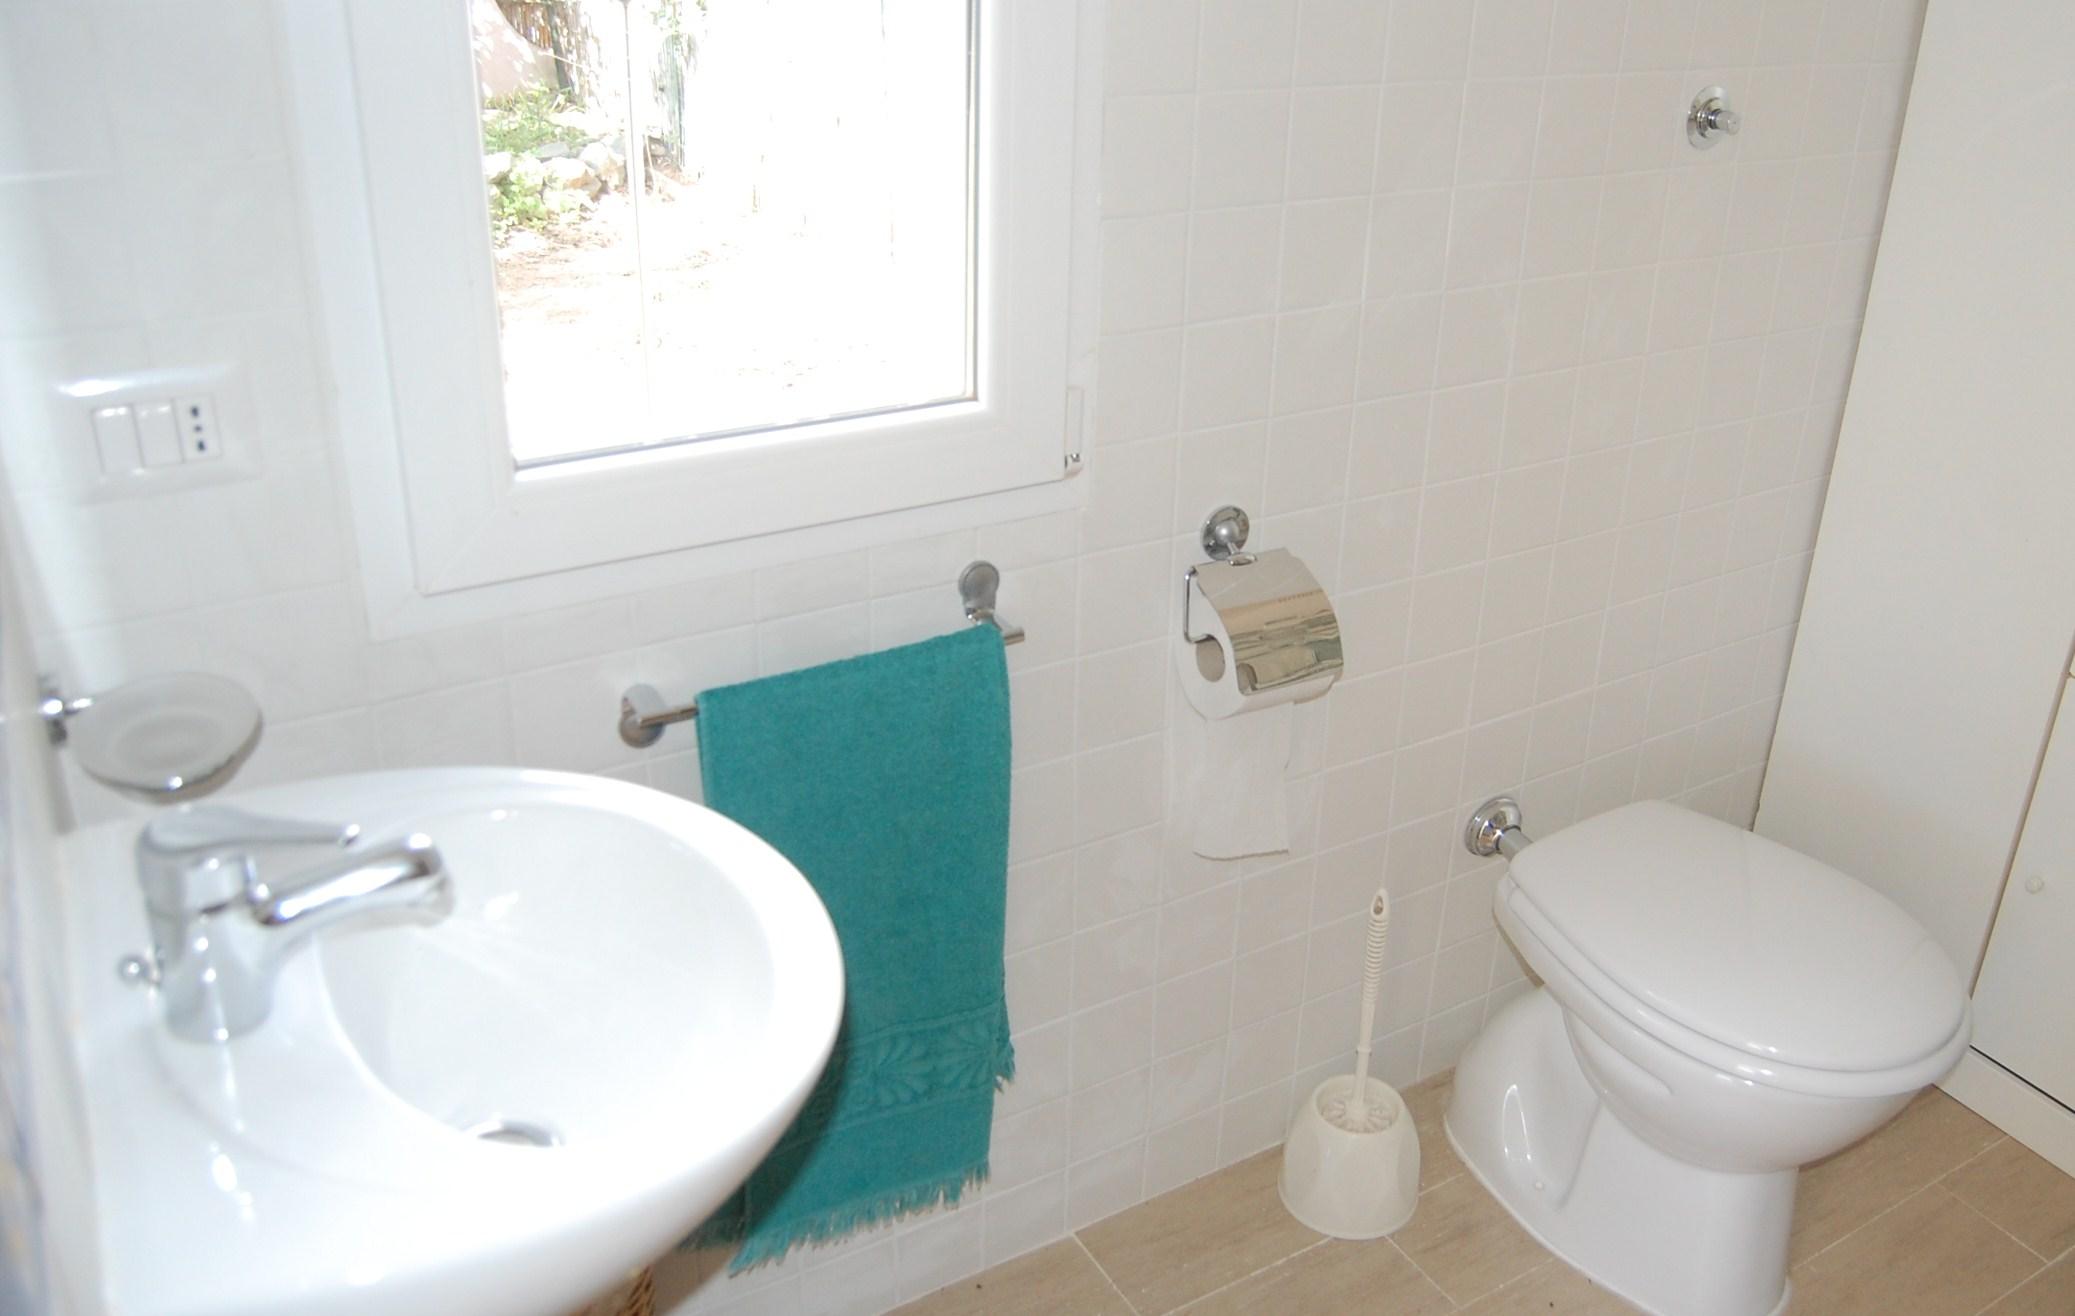 affitto villa mare sarroch 5236 (20130524110544-2013-60701-NDP.JPG)